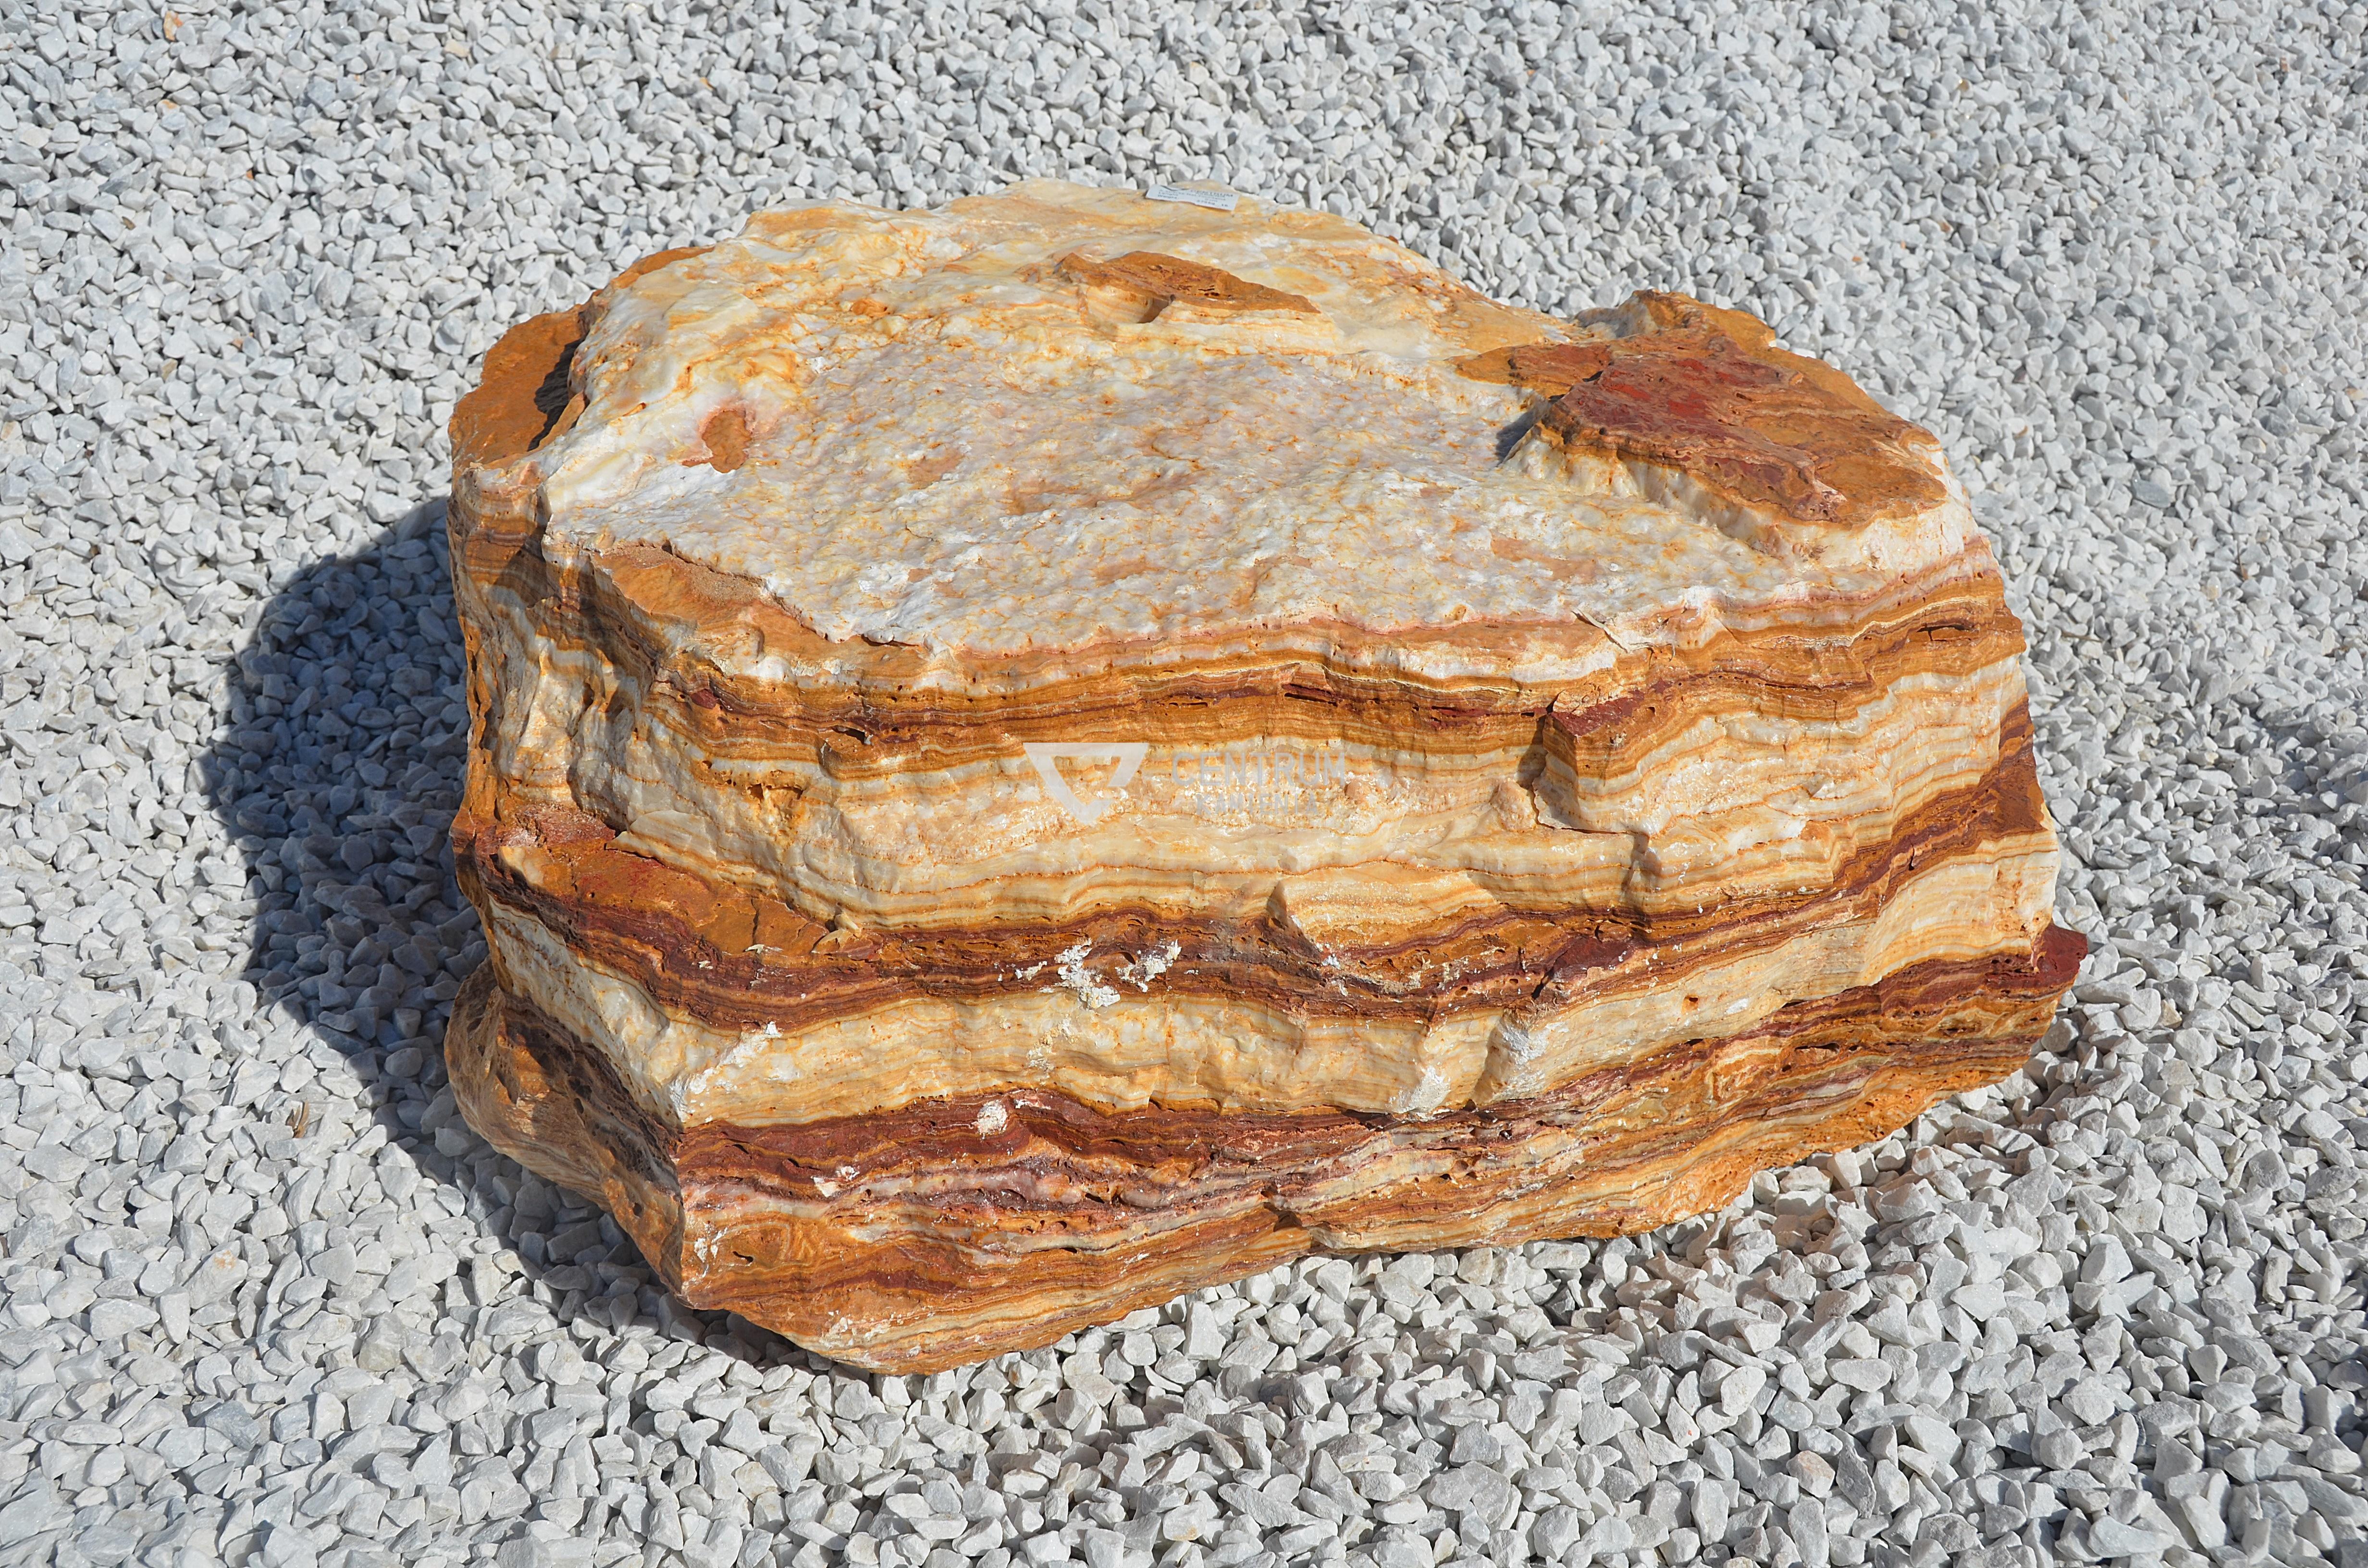 Centrum Kamienia Kamień Ogrodowy Budowlany I Dekoracyjny